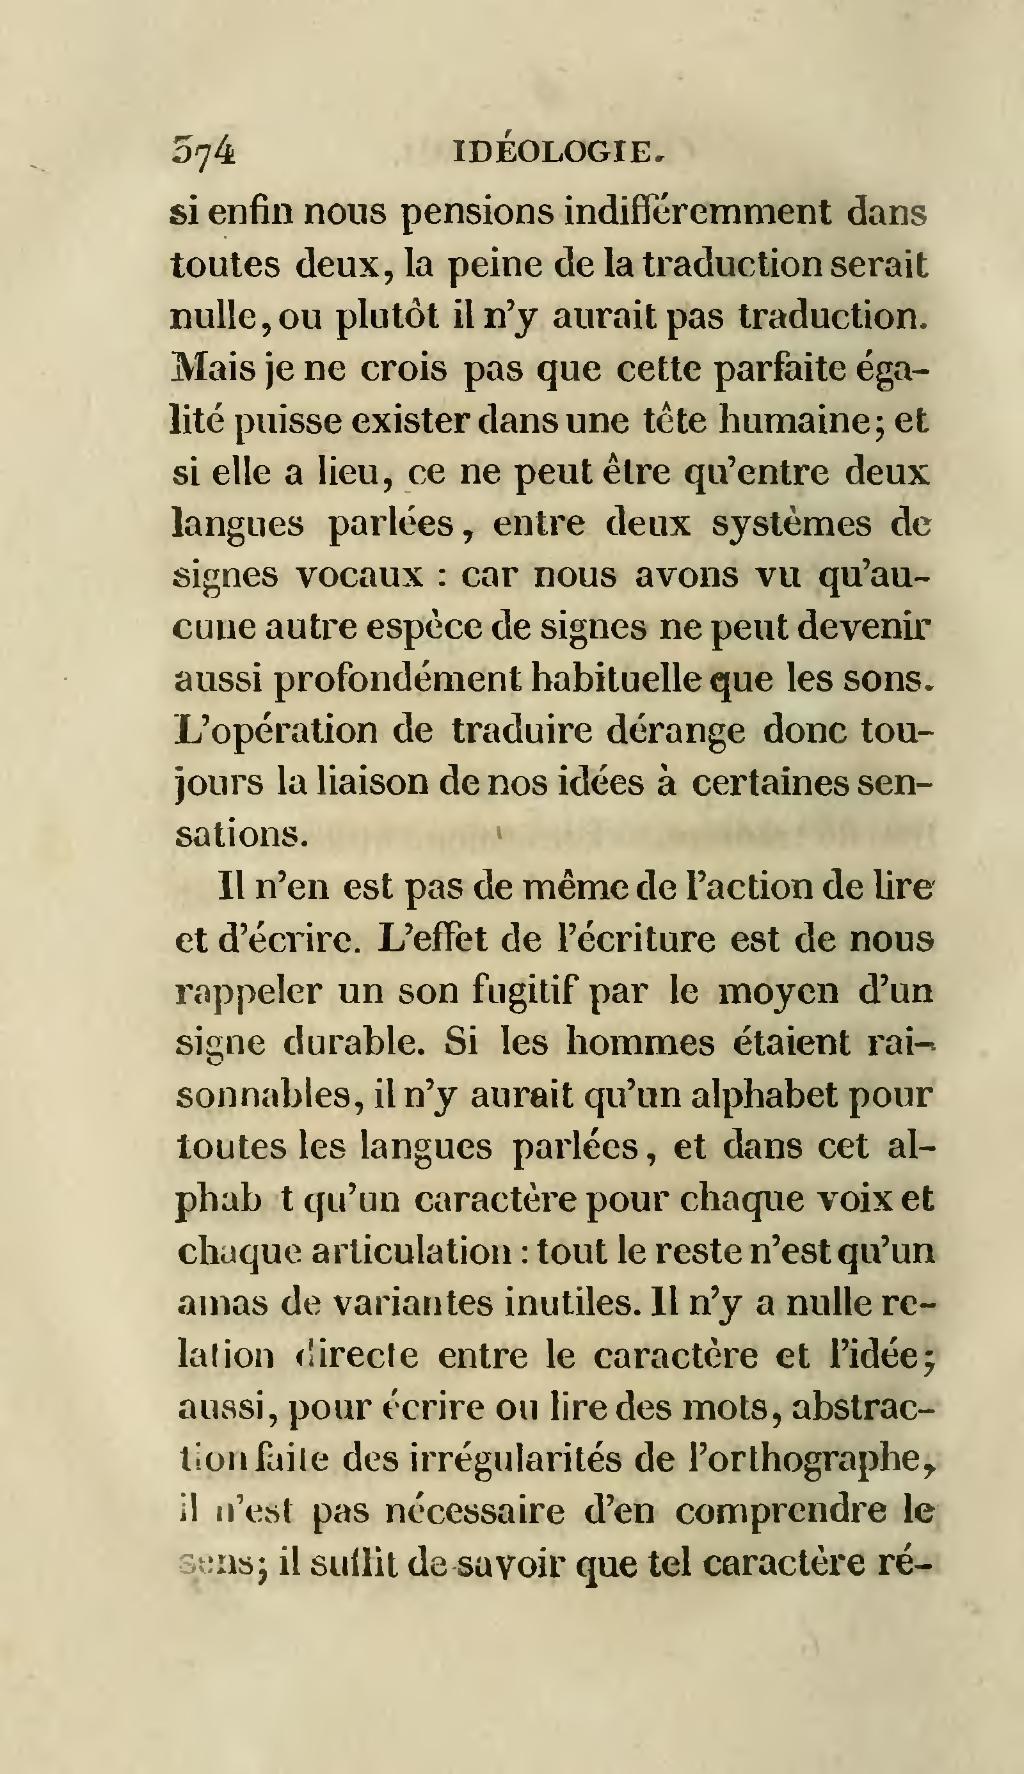 Y Aurait-il Orthographe : aurait-il, orthographe, Page:Destutt, Tracy, Élémens, D'idéologie,, Première, Partie.djvu/410, Wikisource